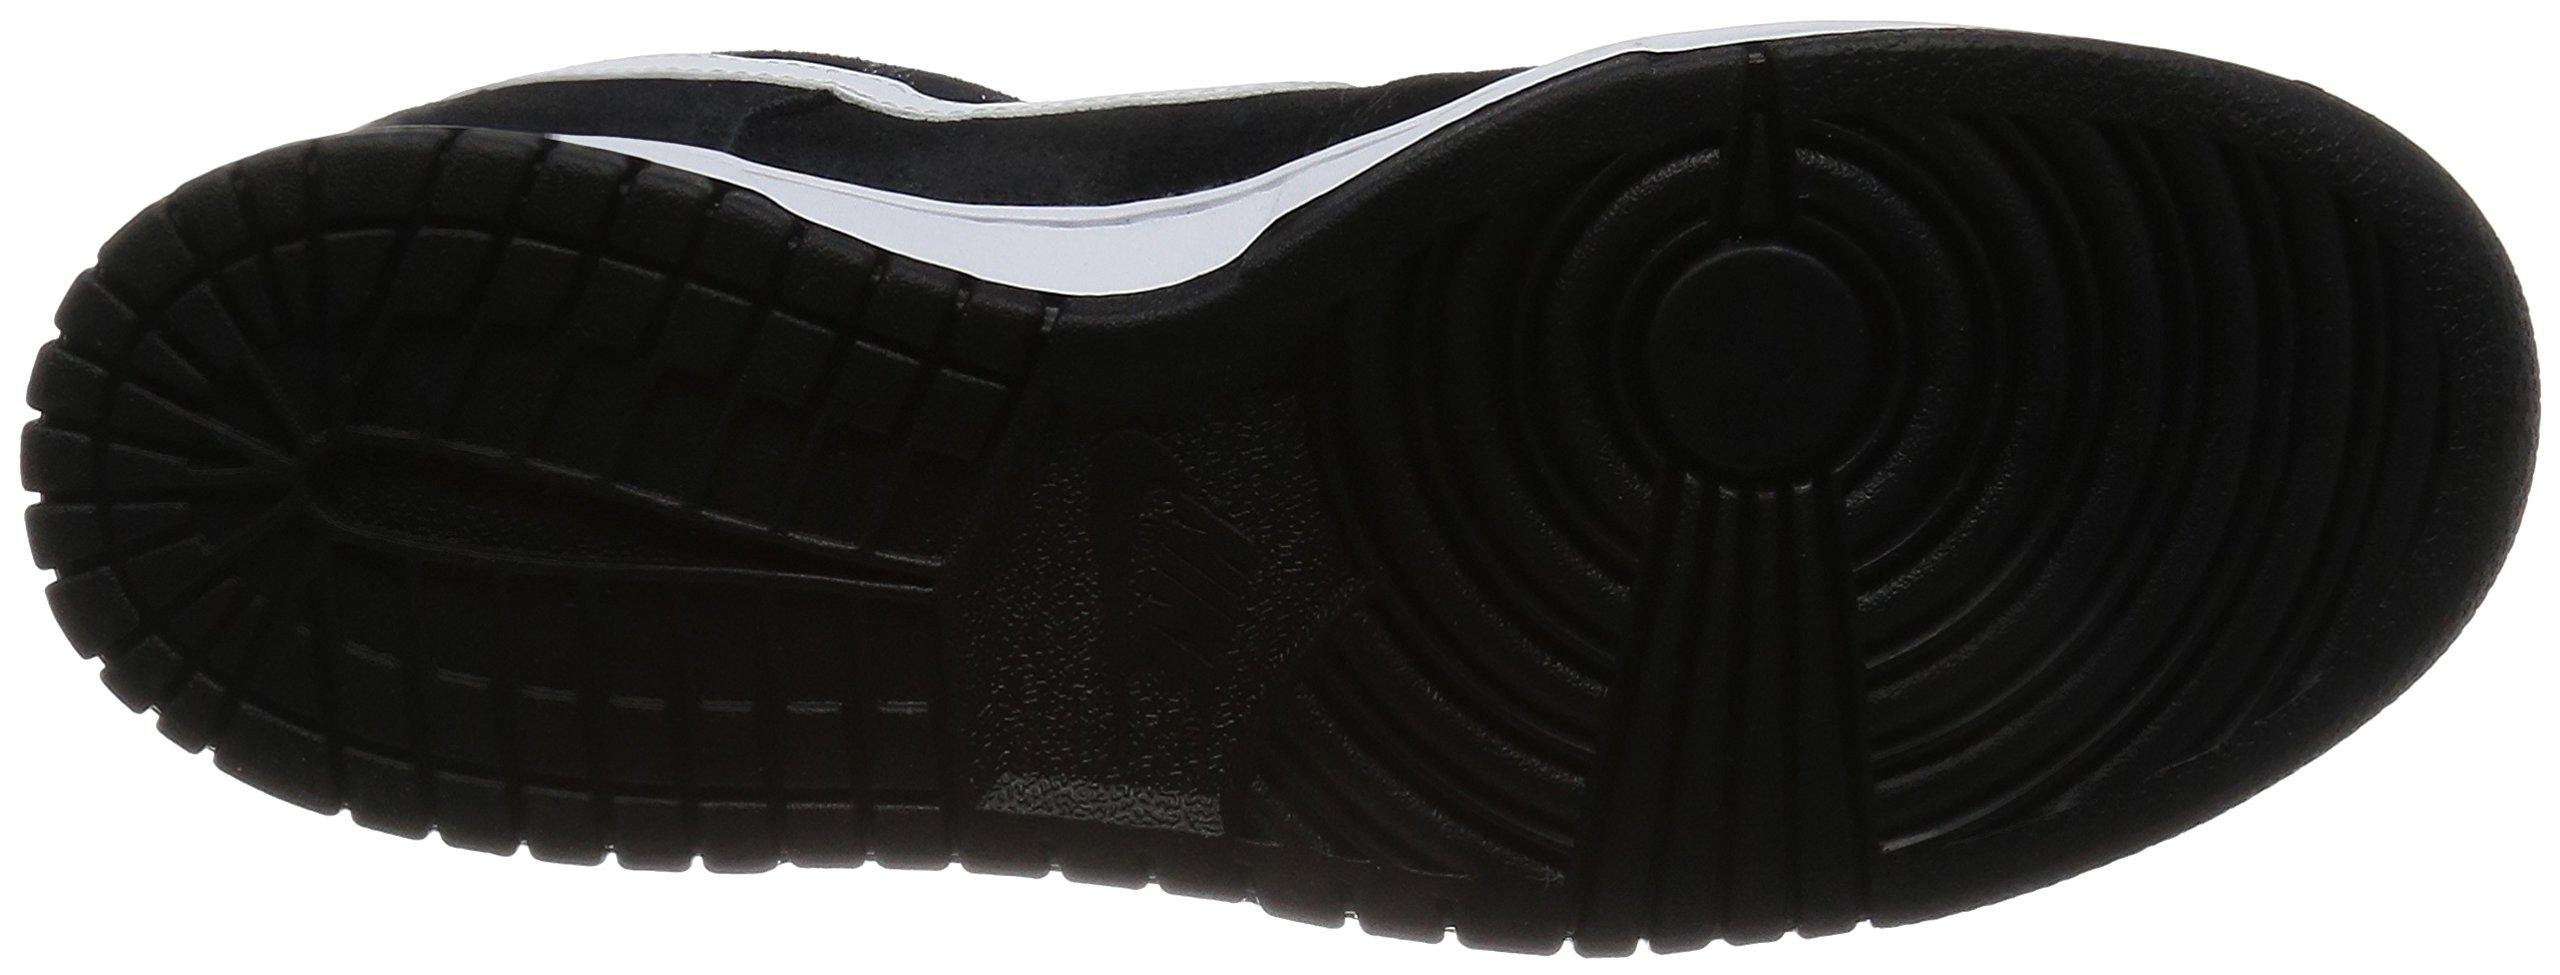 NIKE Mens Dunk Low Pro Black/White Skate Shoe 9 Men US